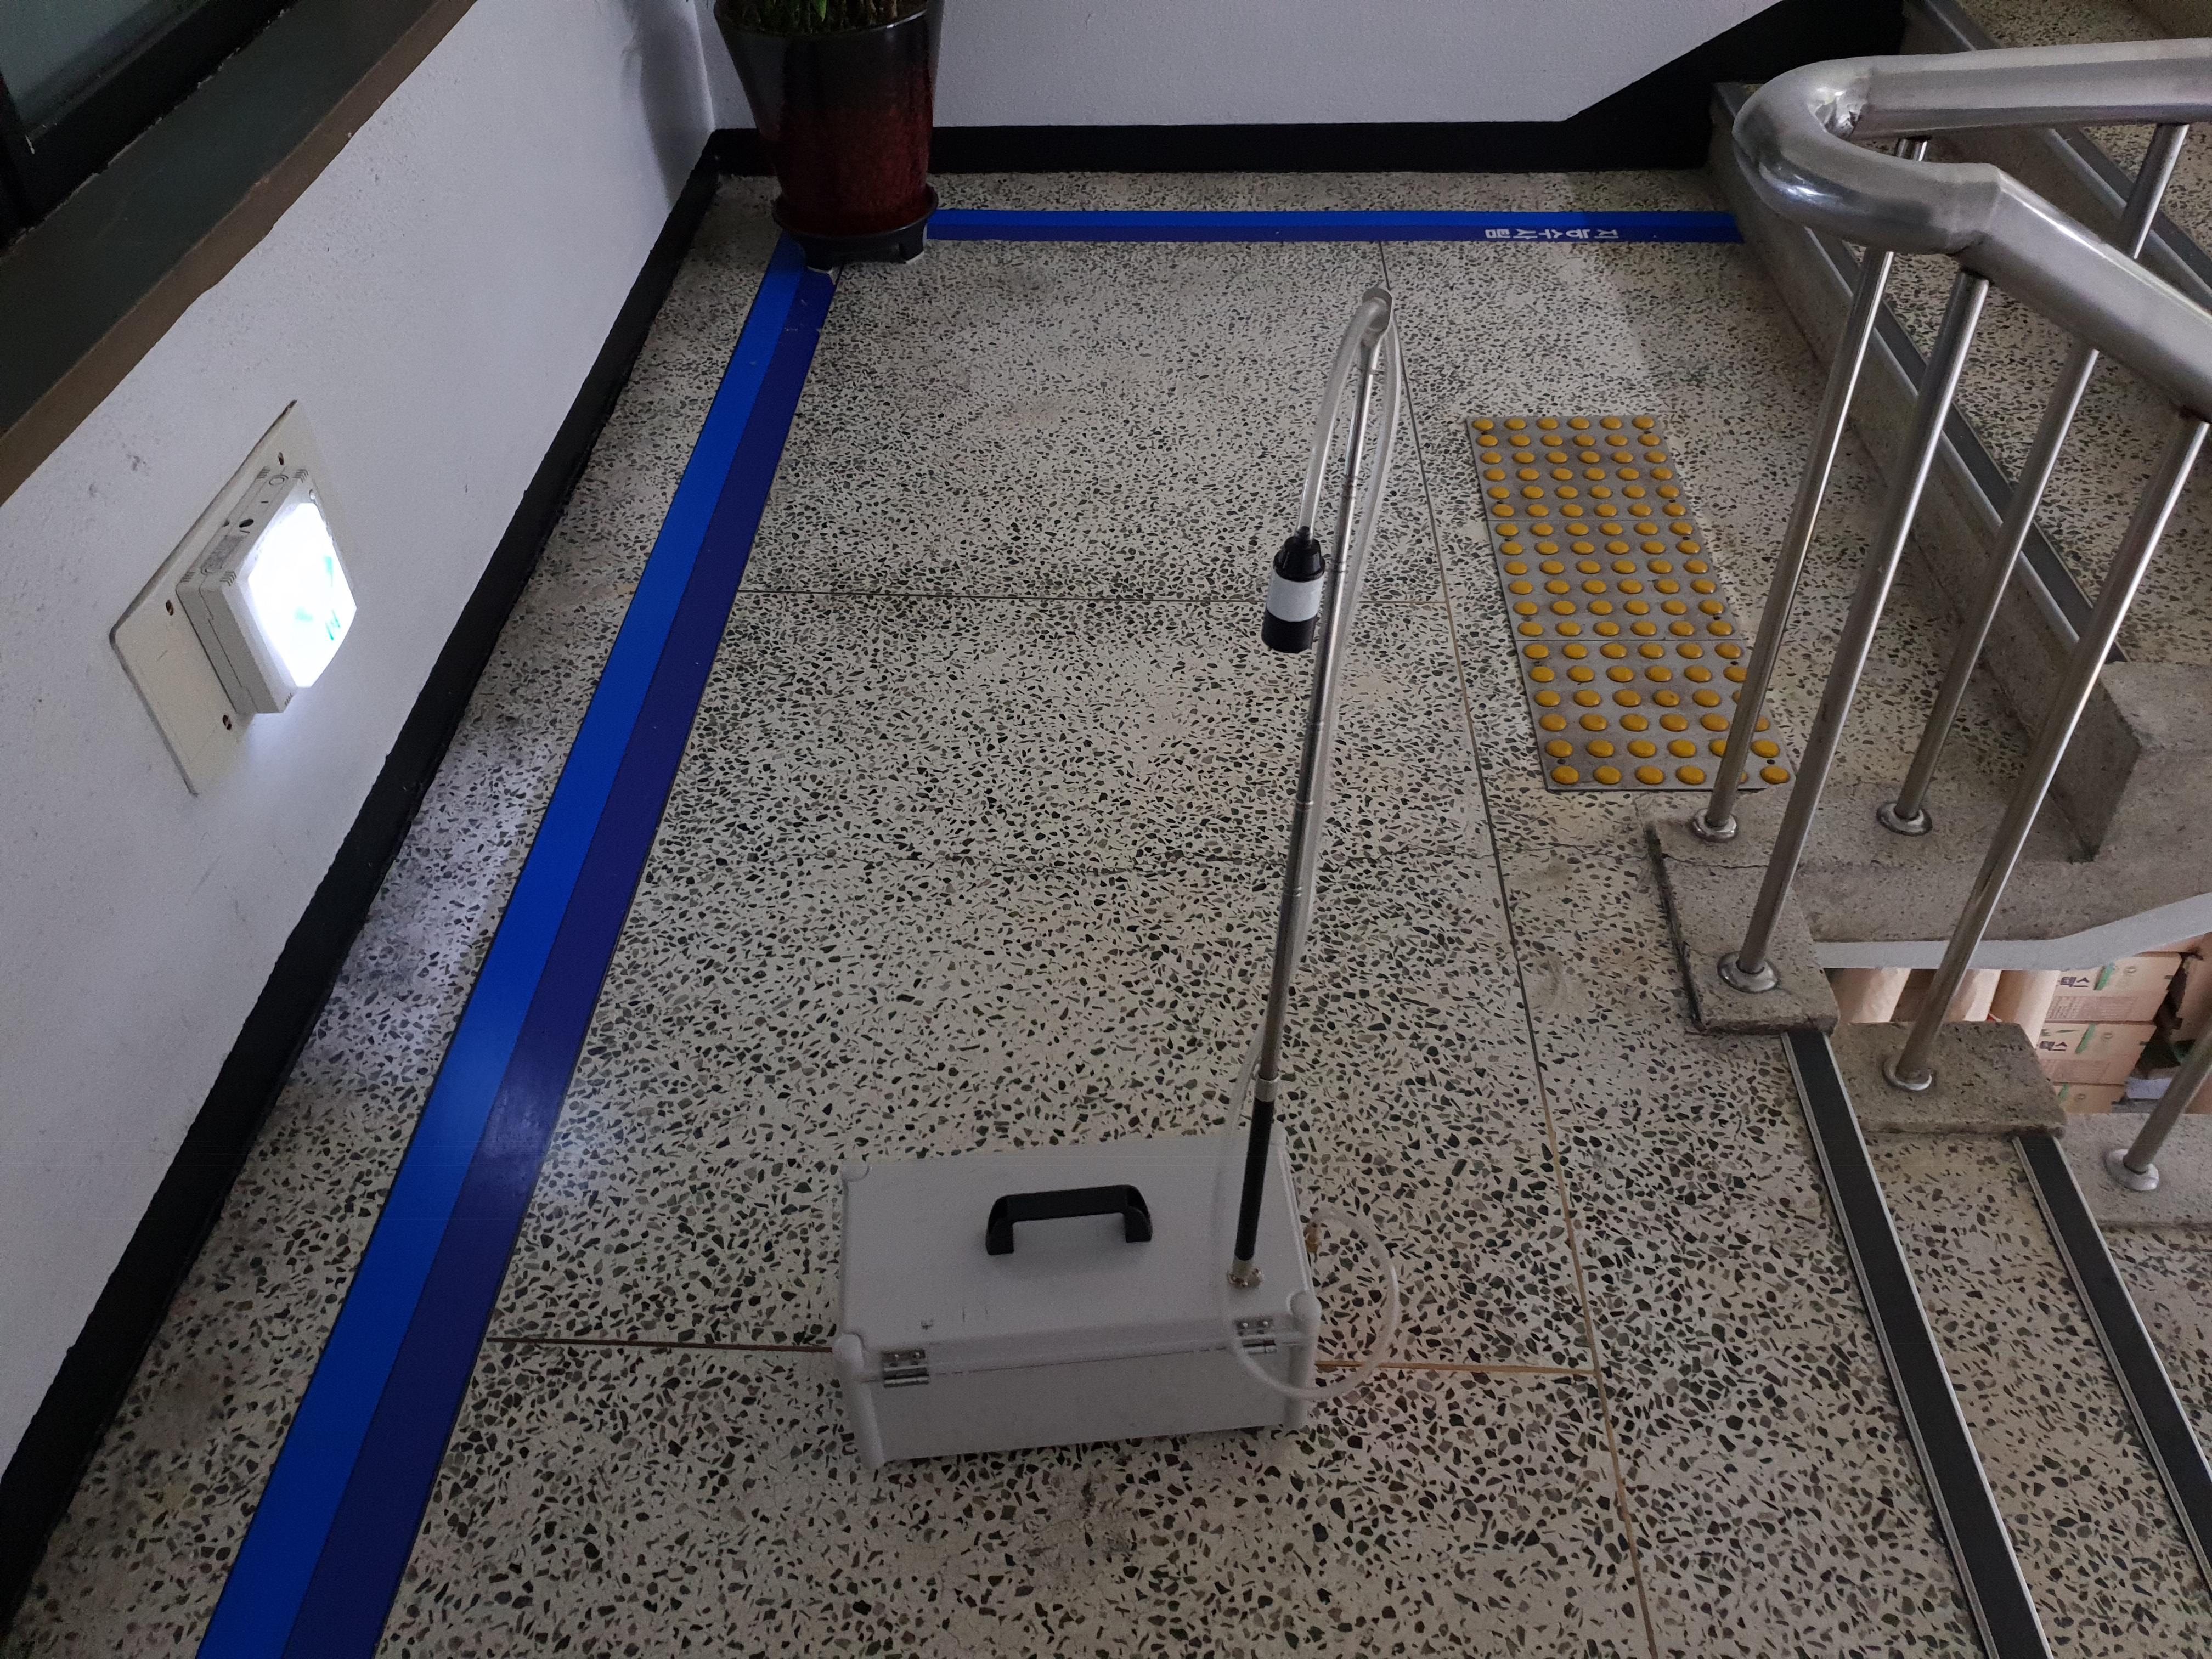 7 번째 사진 부산동부경찰서 에  연면적 ㎡ 동구 중앙대로 387 농도측정, 비산농도측정